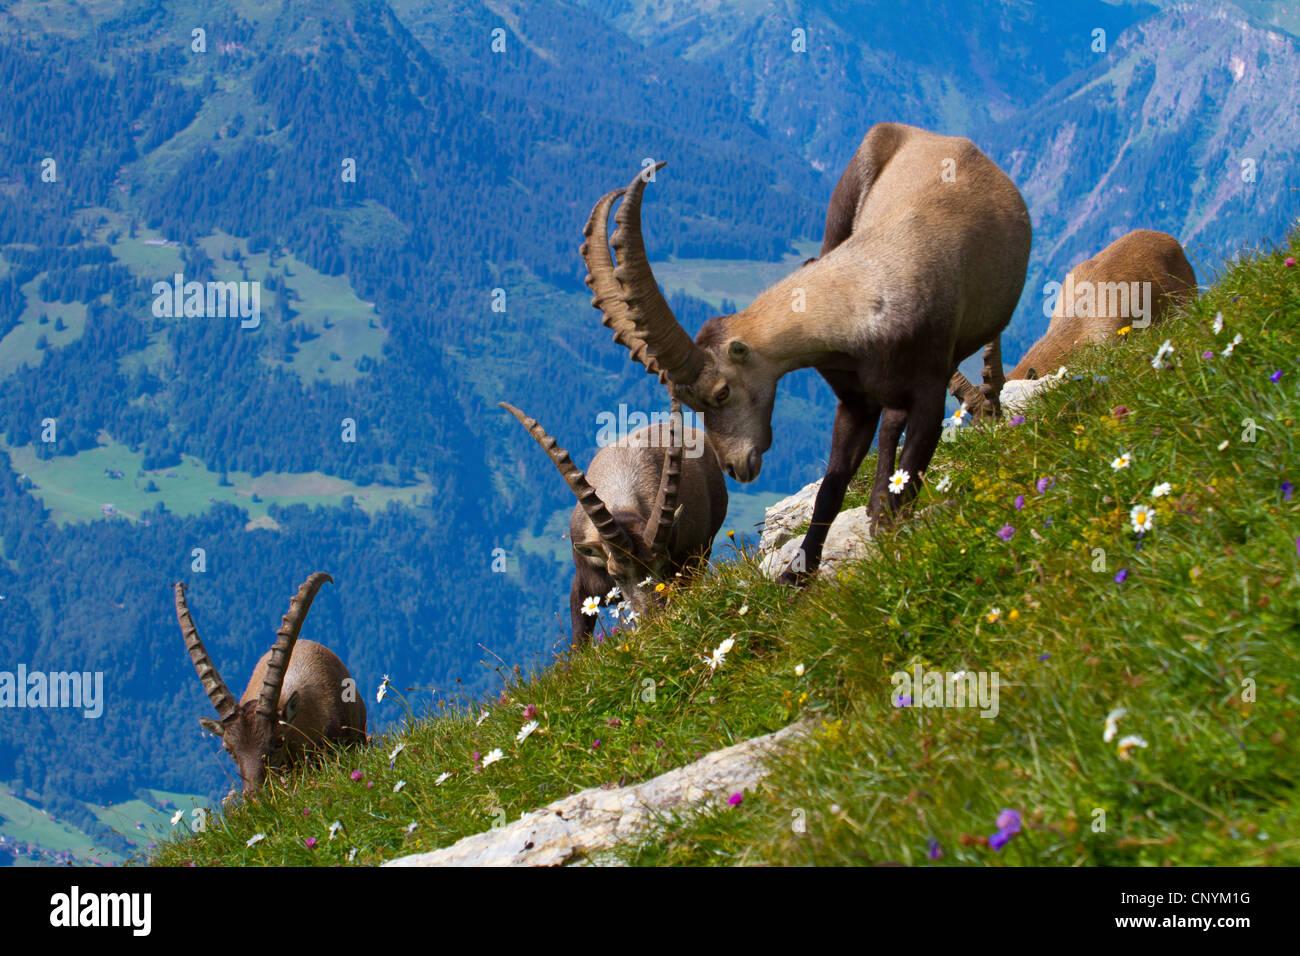 alpine ibex (Capra ibex), bucks grazing, Switzerland, Sankt Gallen, Chaserrugg - Stock Image